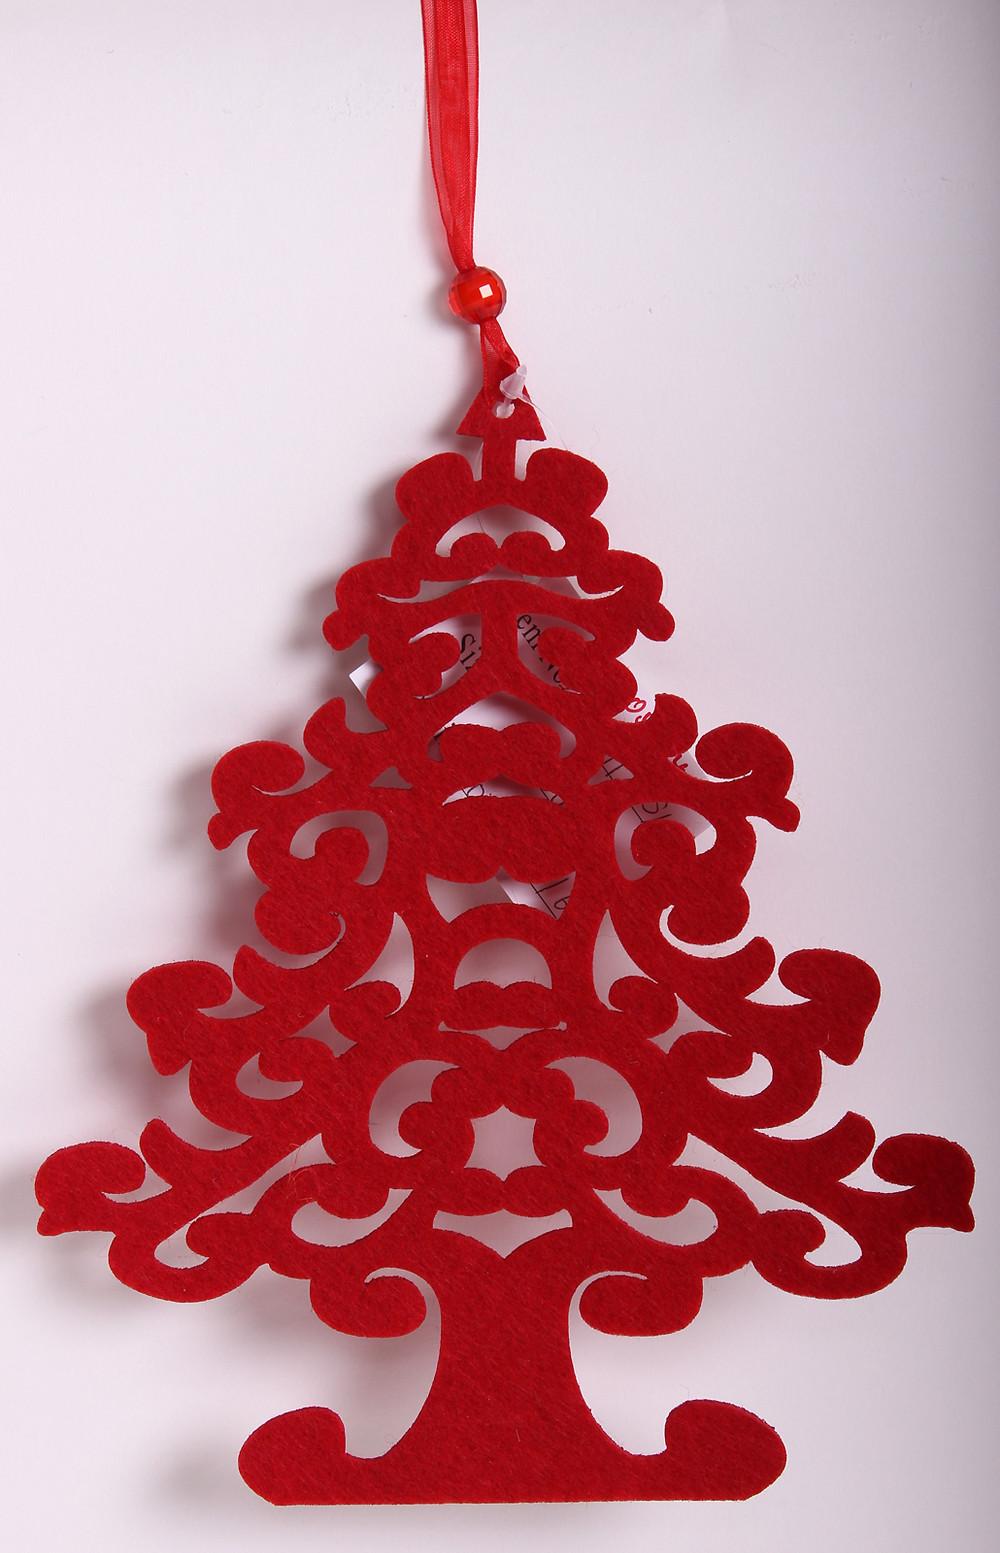 Karácsonyi díszek - filcdekor - karácsonyi termékek